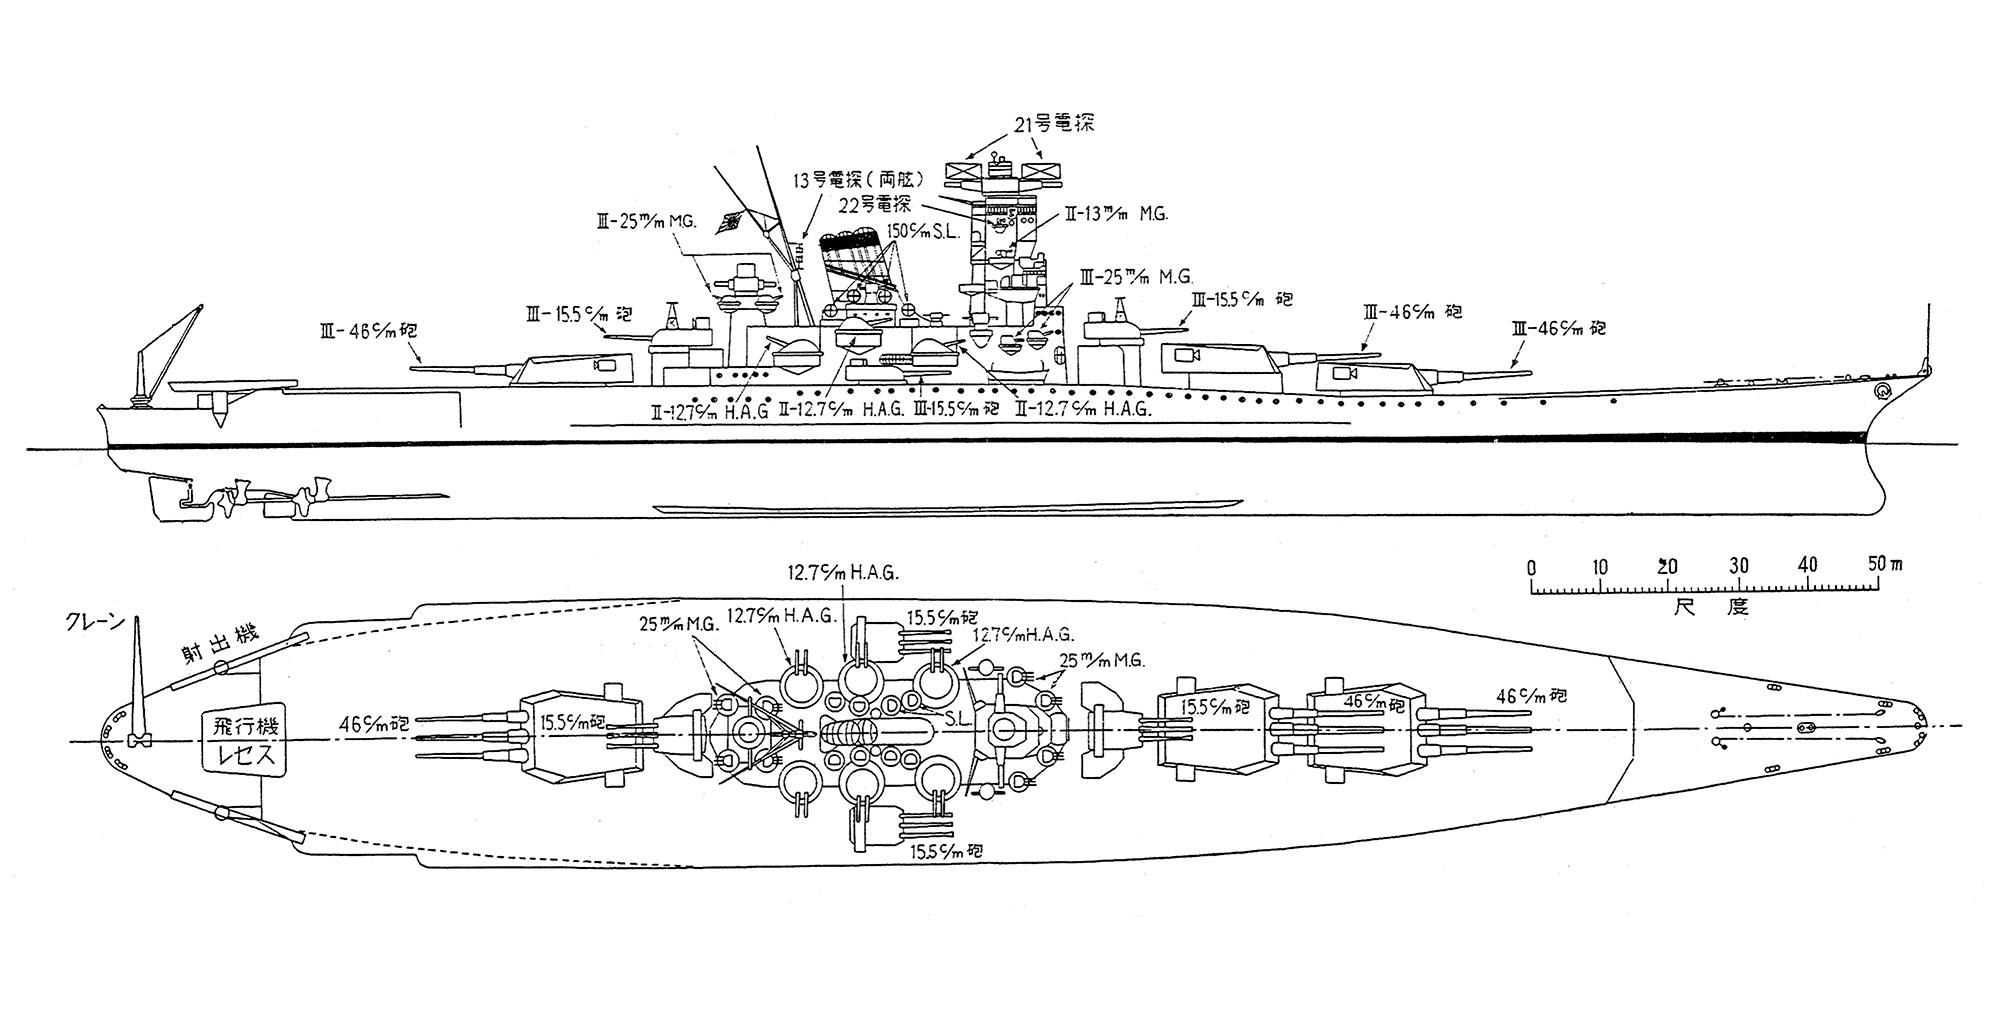 戦艦大和設計図を手に入れる - ネイビーブルーに恋 …